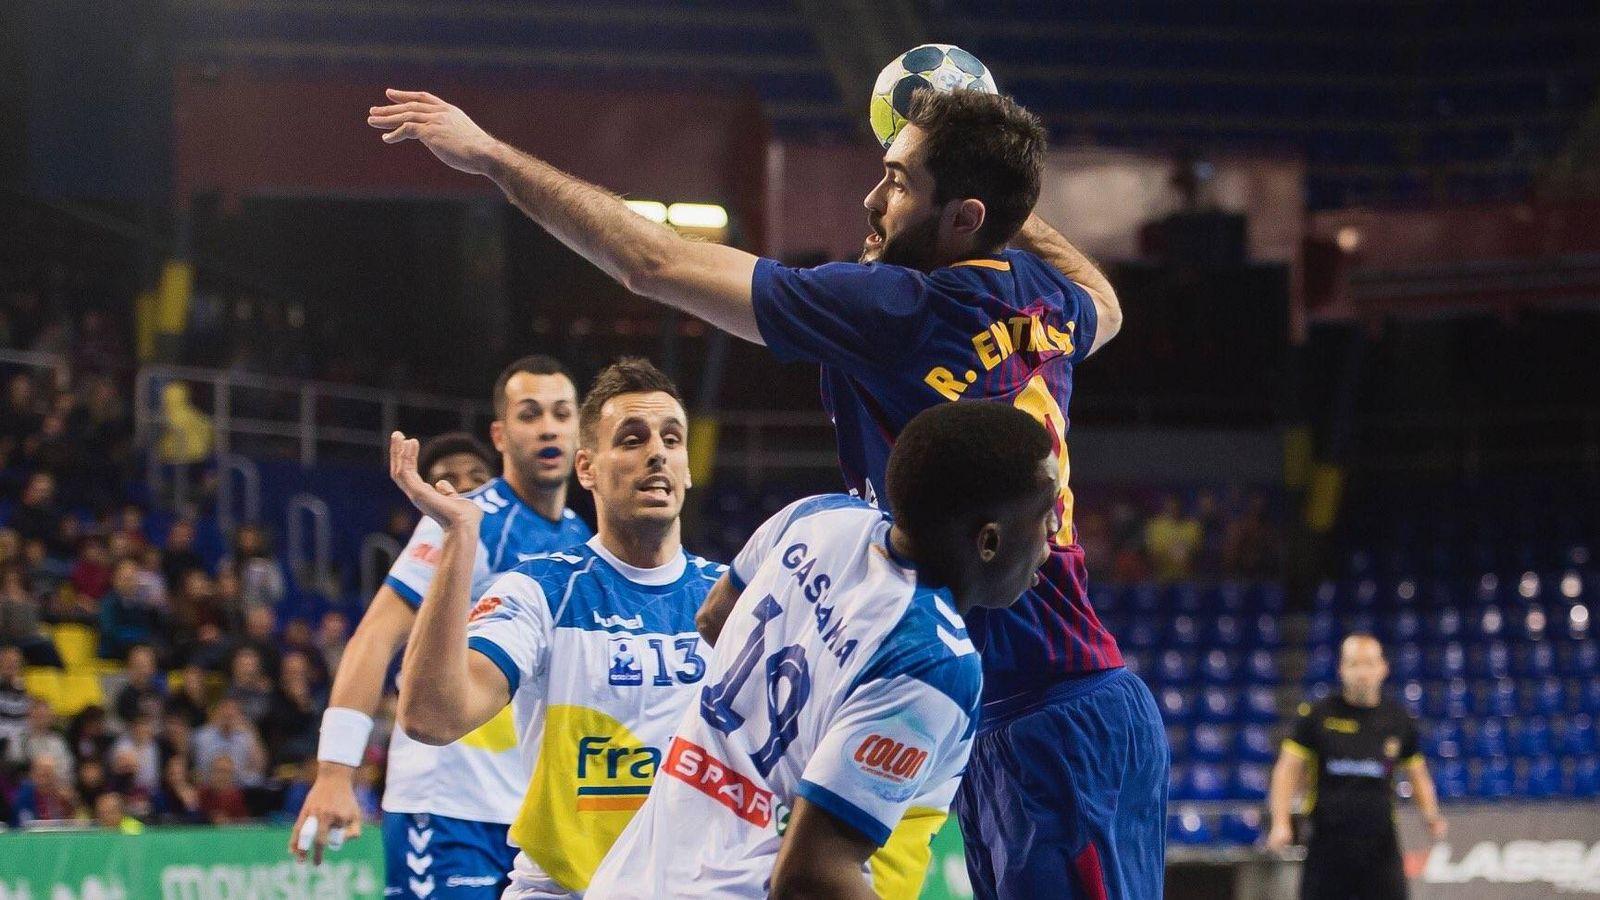 Foto: El FC Barcelona Lassa no perdía en la ASOBAL desde mayo de 2013. Este viernes lo hizo ante el Granollers. (FC Barcelona)